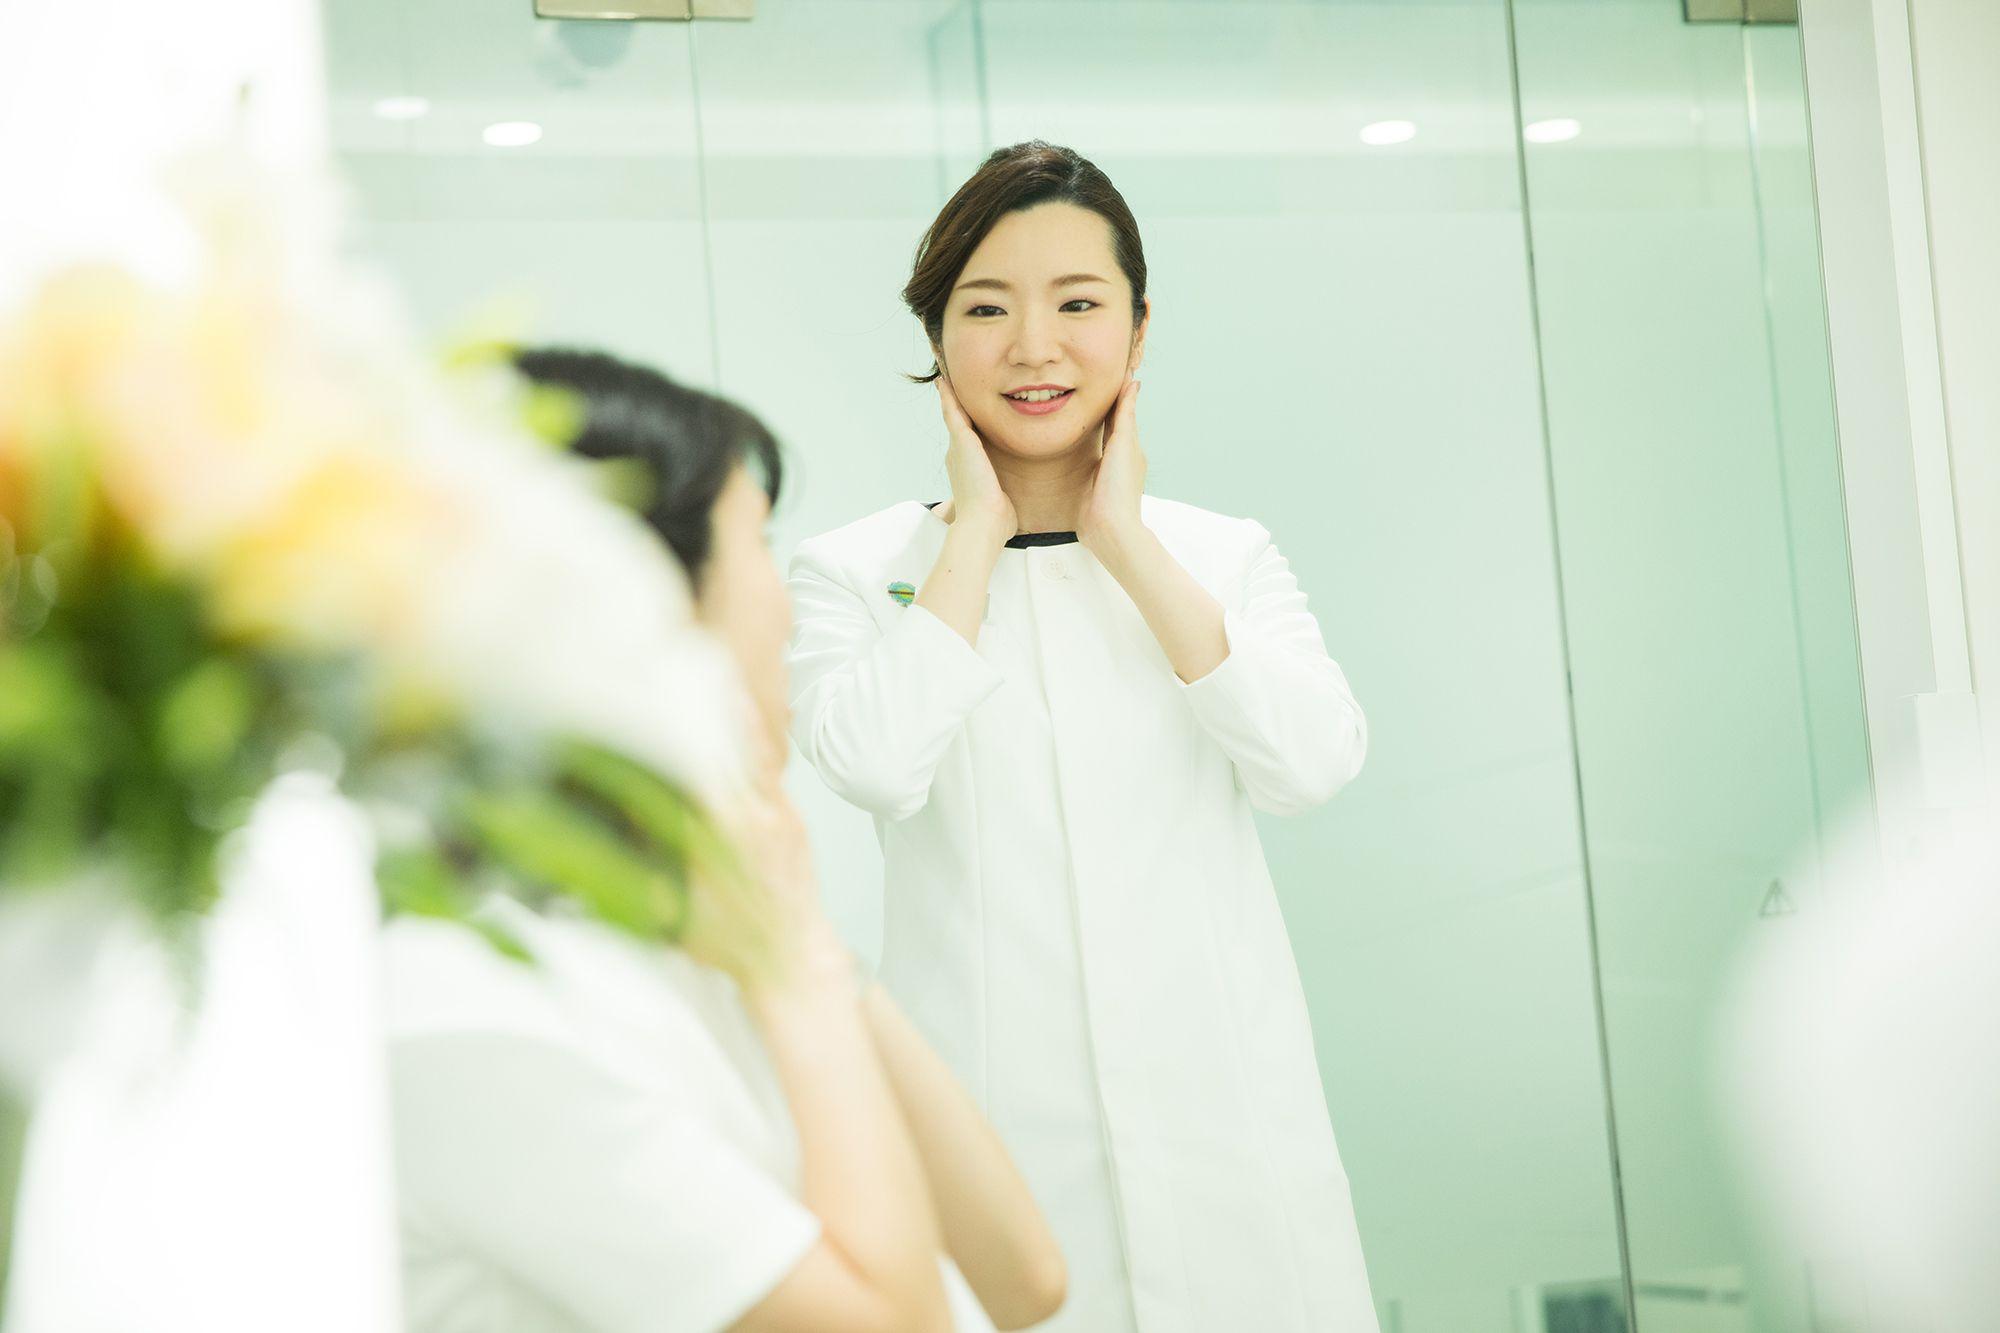 私人美容專家講授護膚步驟。之後用準備好了的化妝品試妝。